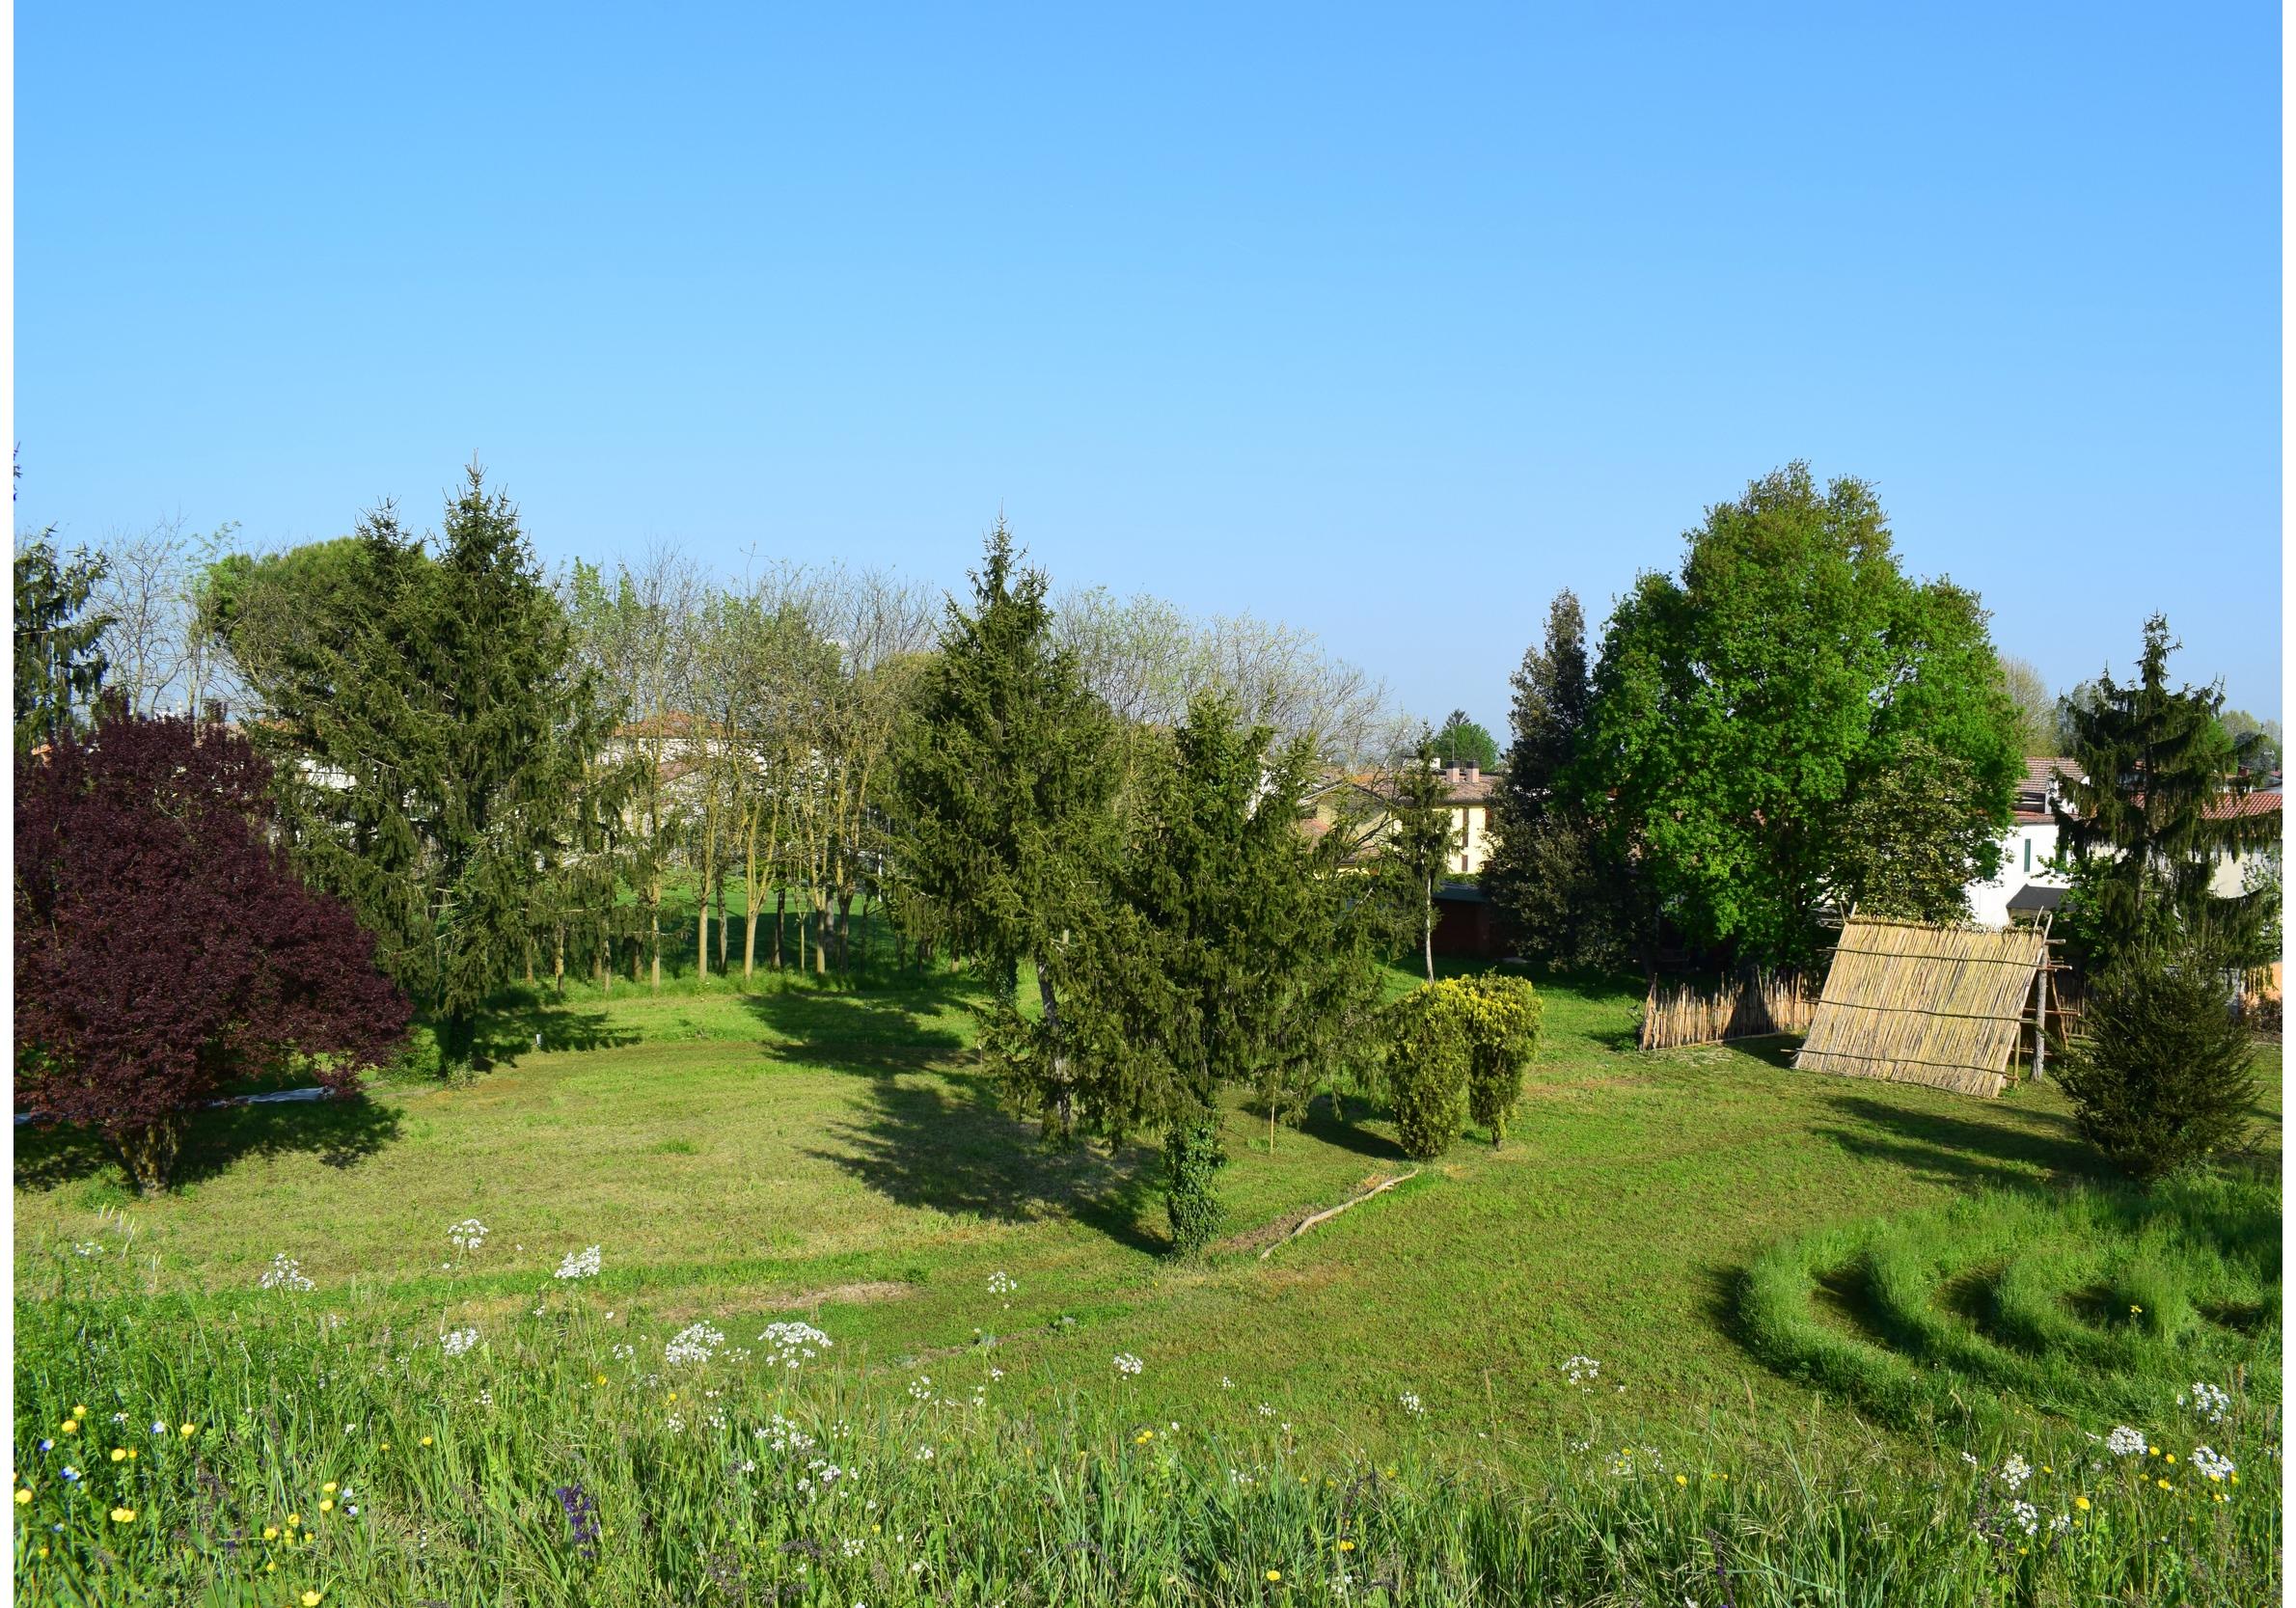 Giovecca Di Lugo Inaugura Gea Il Giardino Del Tempo